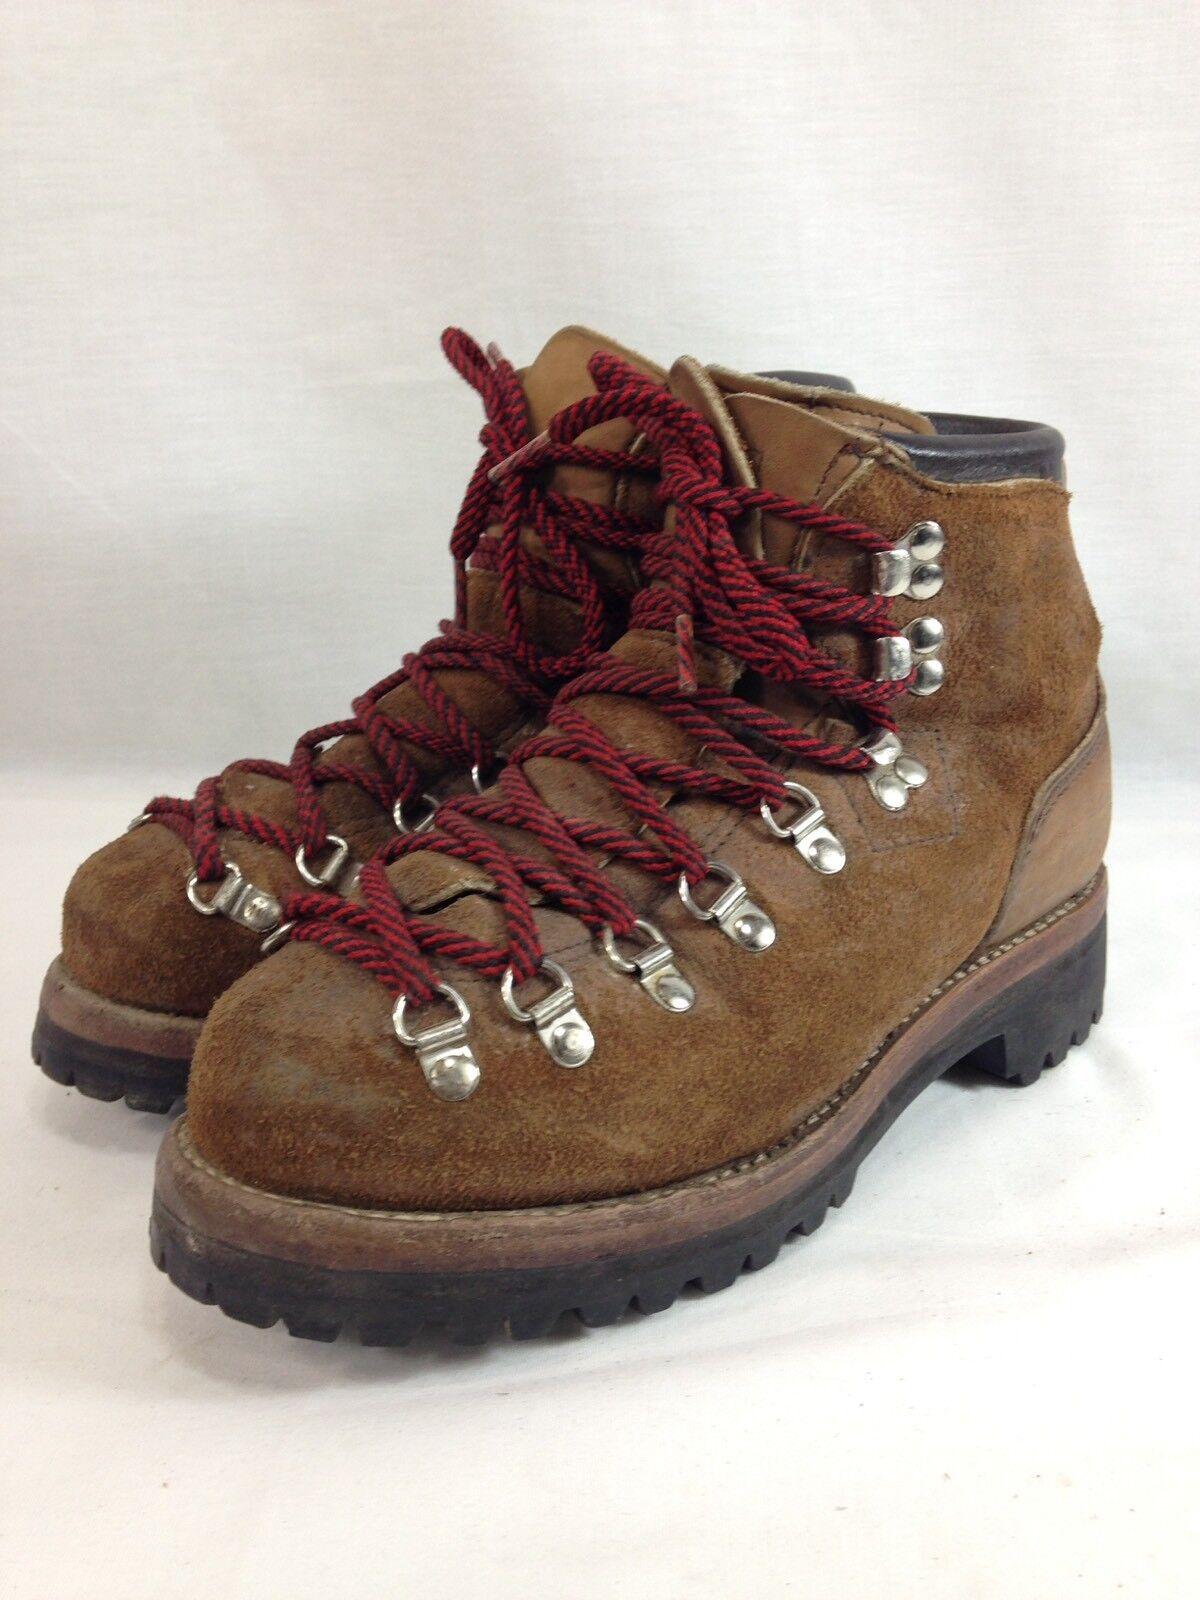 prezzi eccellenti VTG Dexter Mountaineering Mountaineering Mountaineering stivali Uomo 7.5 M Marrone Suede Leather USA  acquisti online